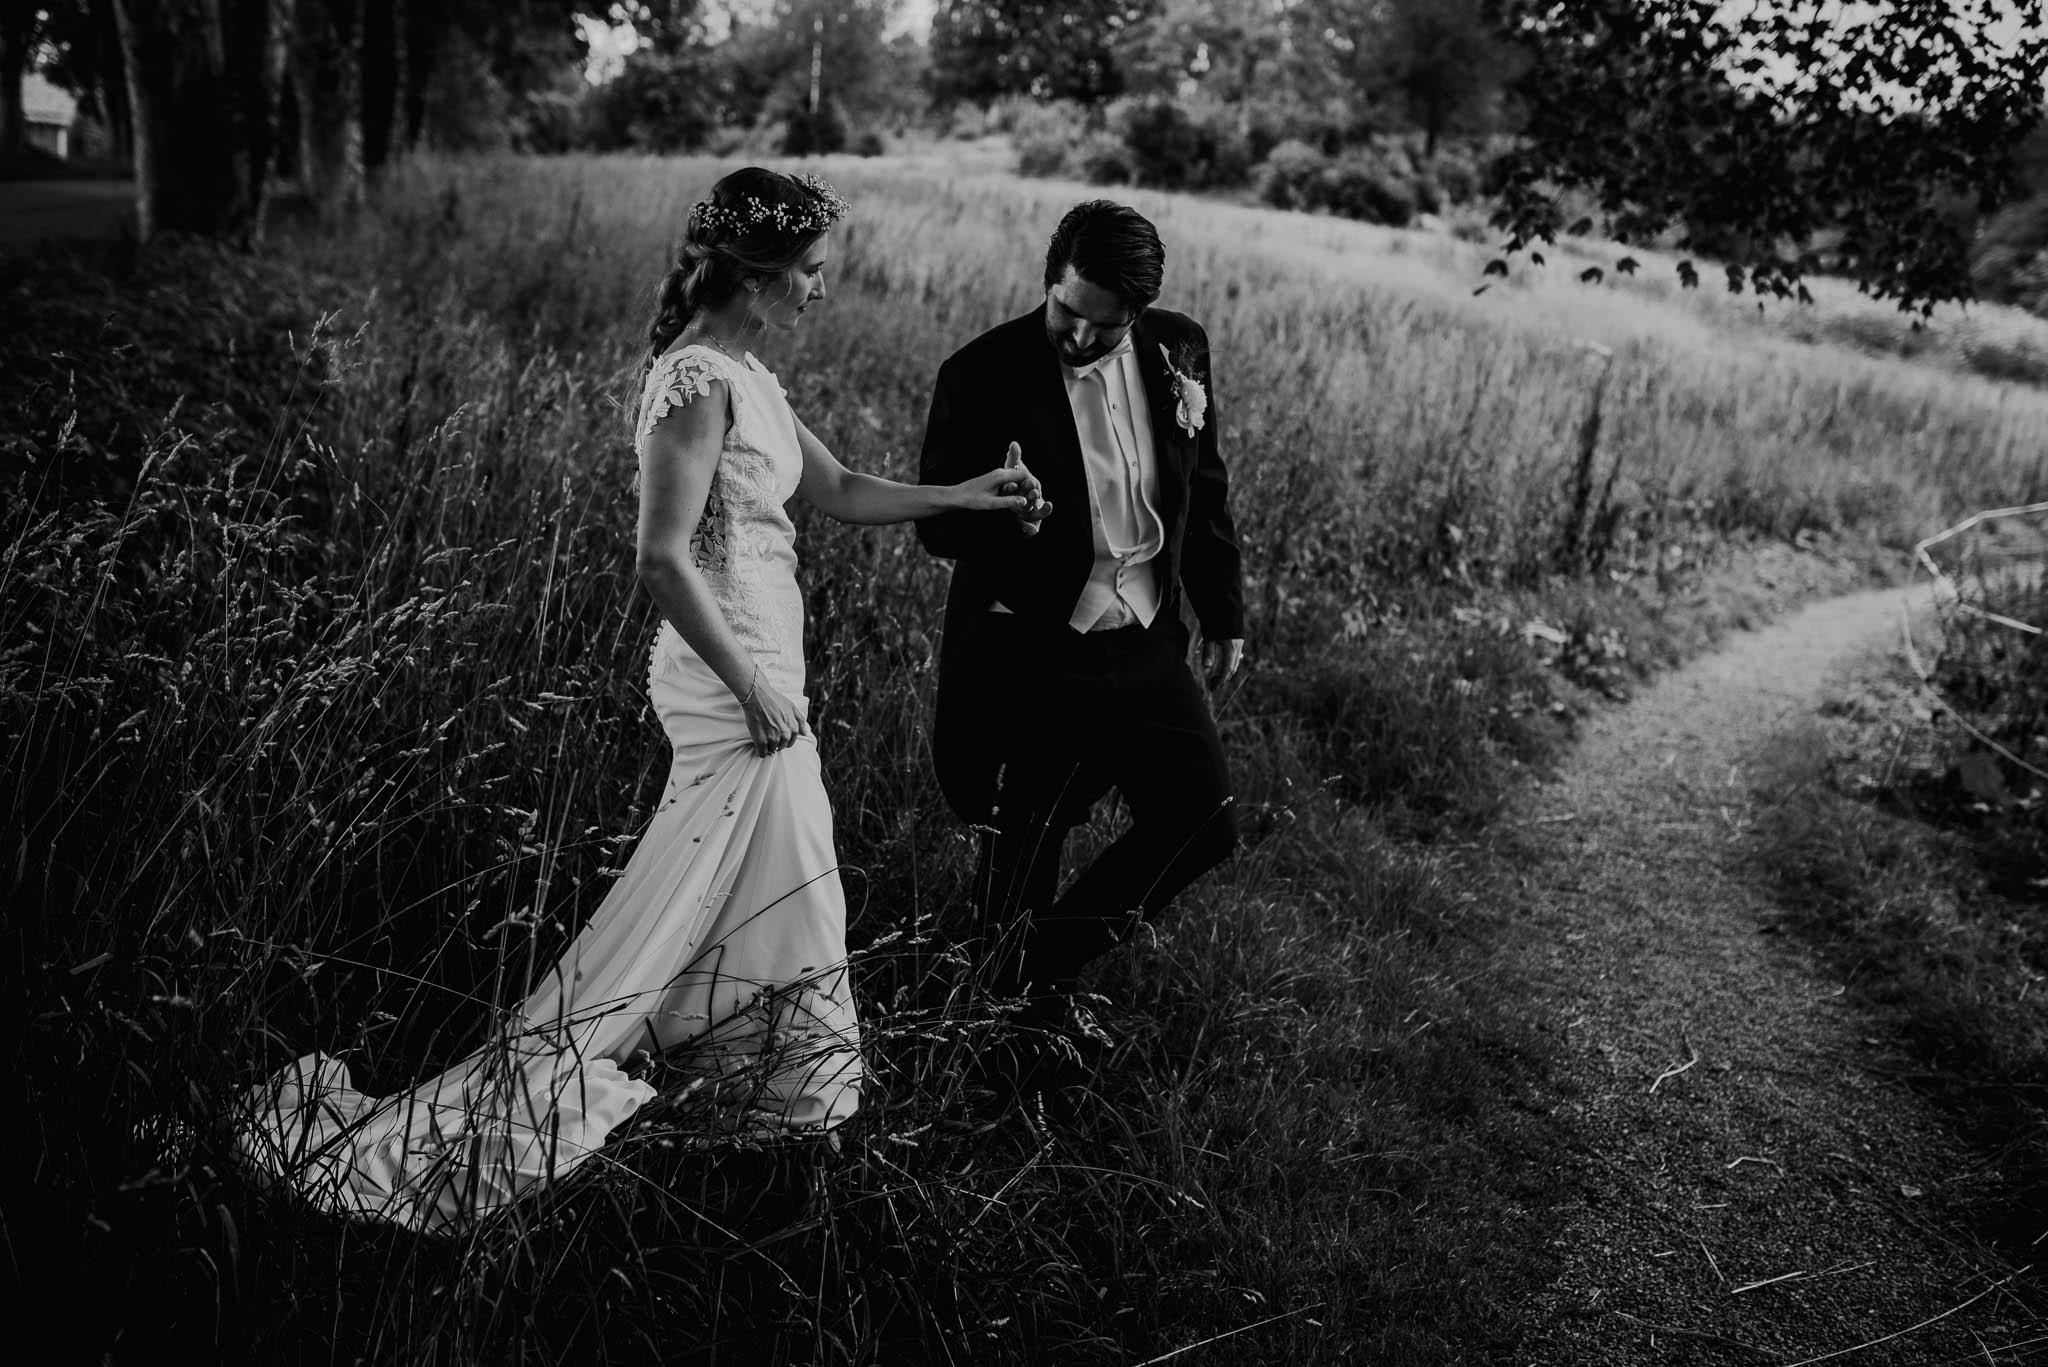 Bryllupsfotograf i Drammen - bryllup i Ålesund - Øygardshallen bryllup-75.jpg